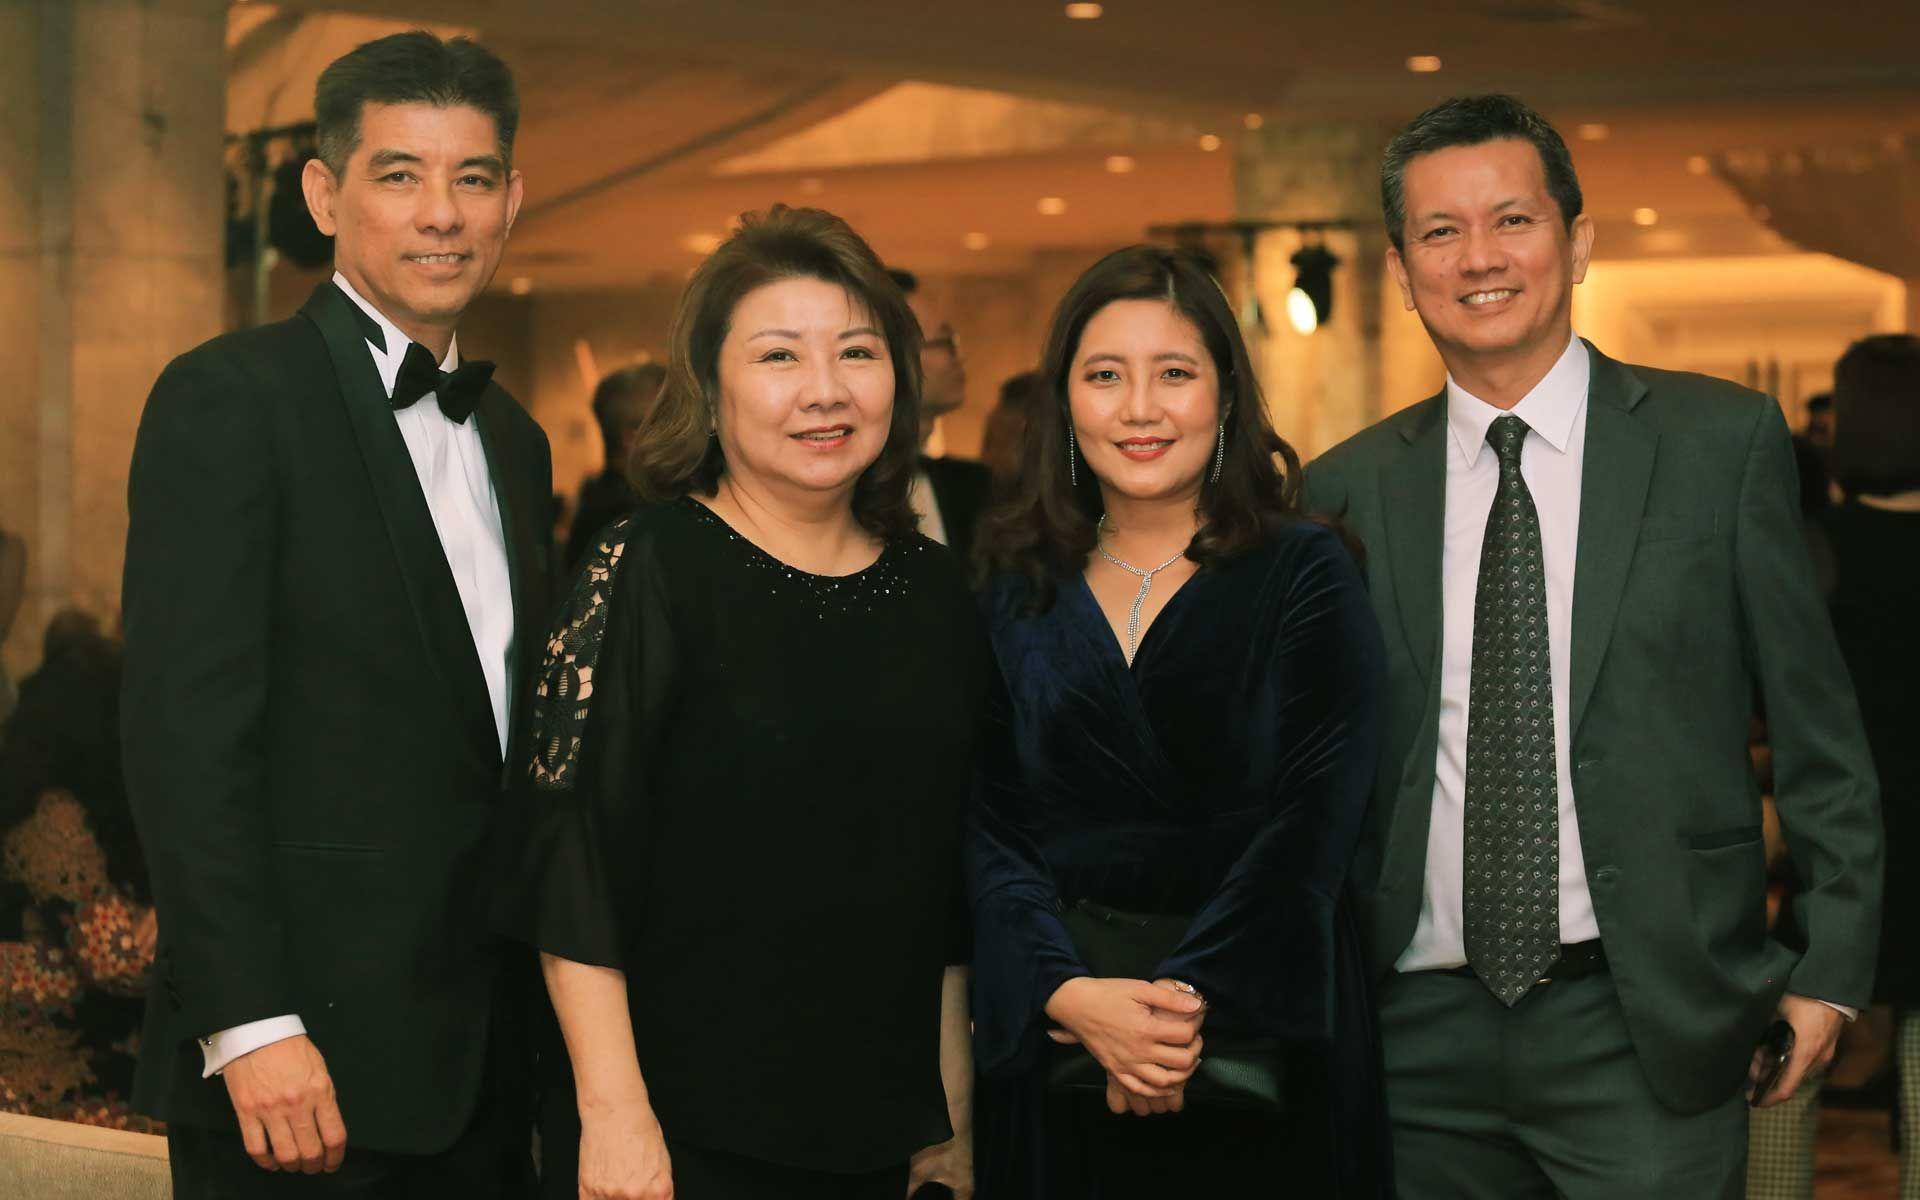 Chuah Eng Khoon, Datin Joanne Chuah, Annie Wong and Chuah Eng Thiam